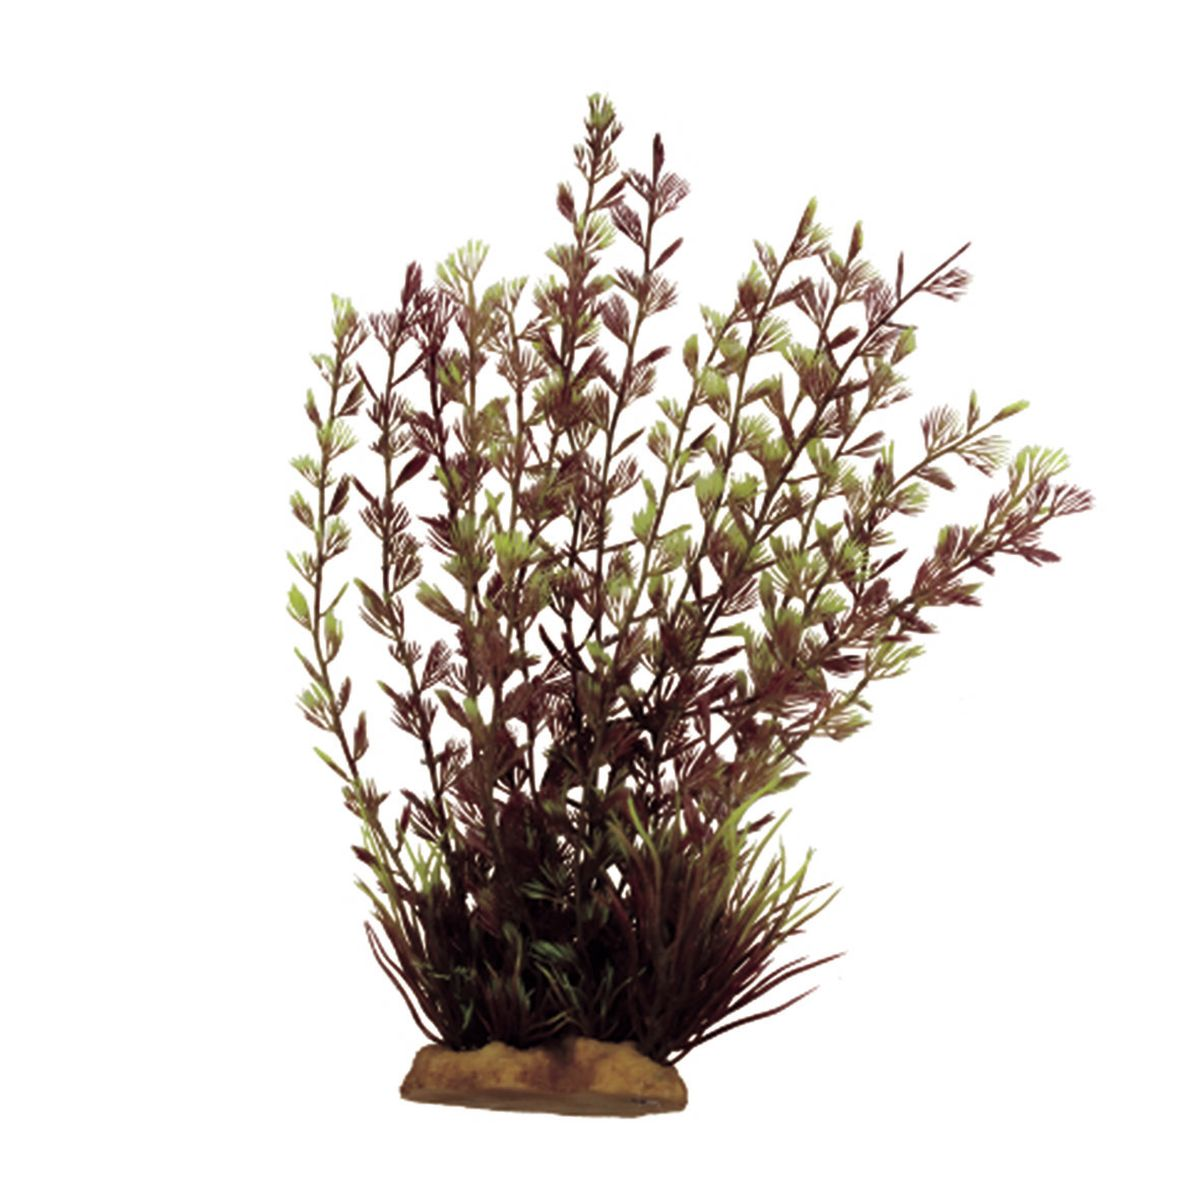 Растение для аквариума ArtUniq Кабомба вильчатая красная, высота 20 см0120710Растение для аквариума ArtUniq Кабомба вильчатая красная, высота 20 см